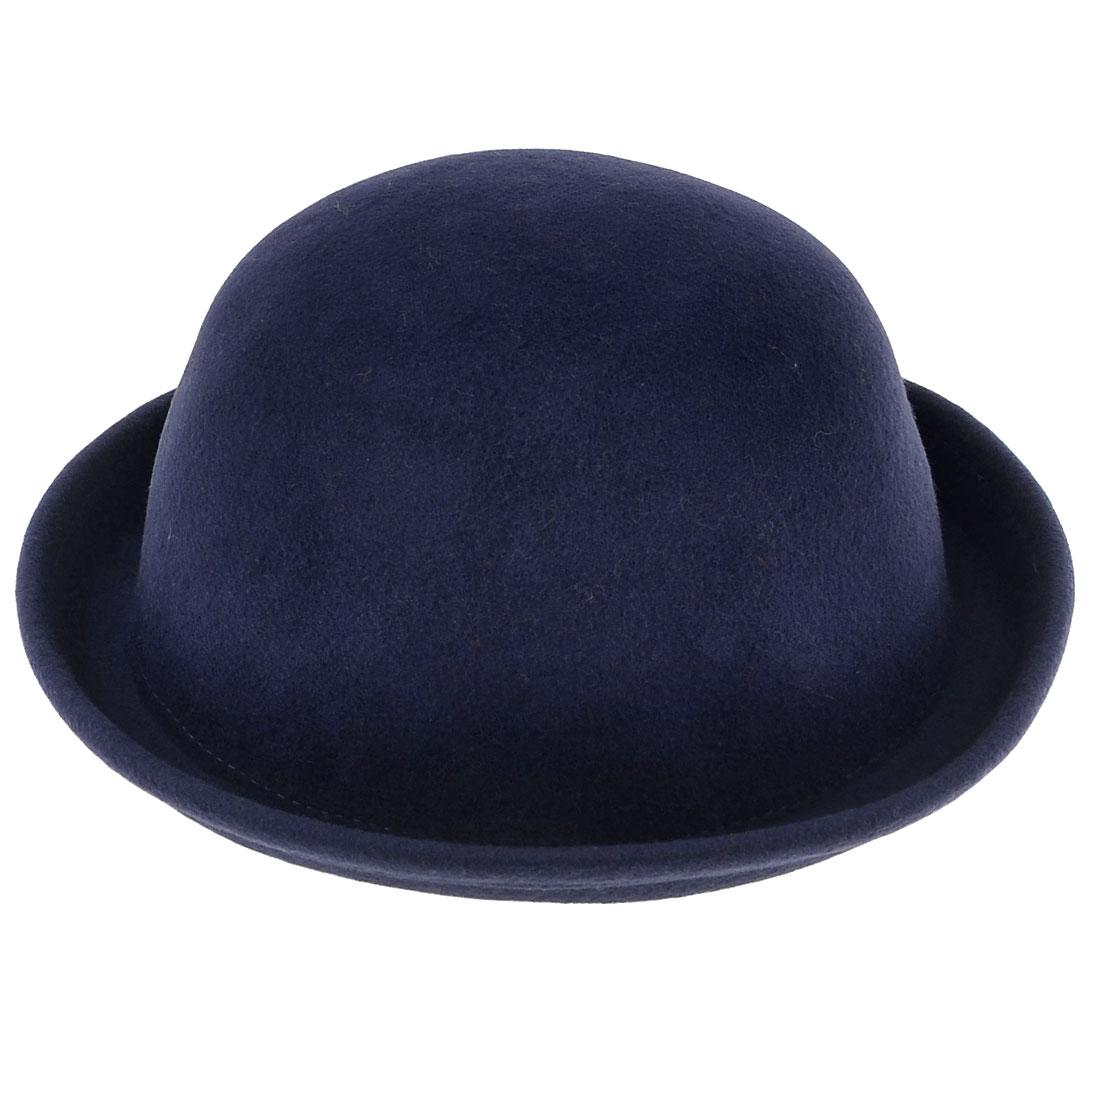 Woman 4.5cm Width Brim Easy Matching Wood Felt Cloche Hat Royal Blue M